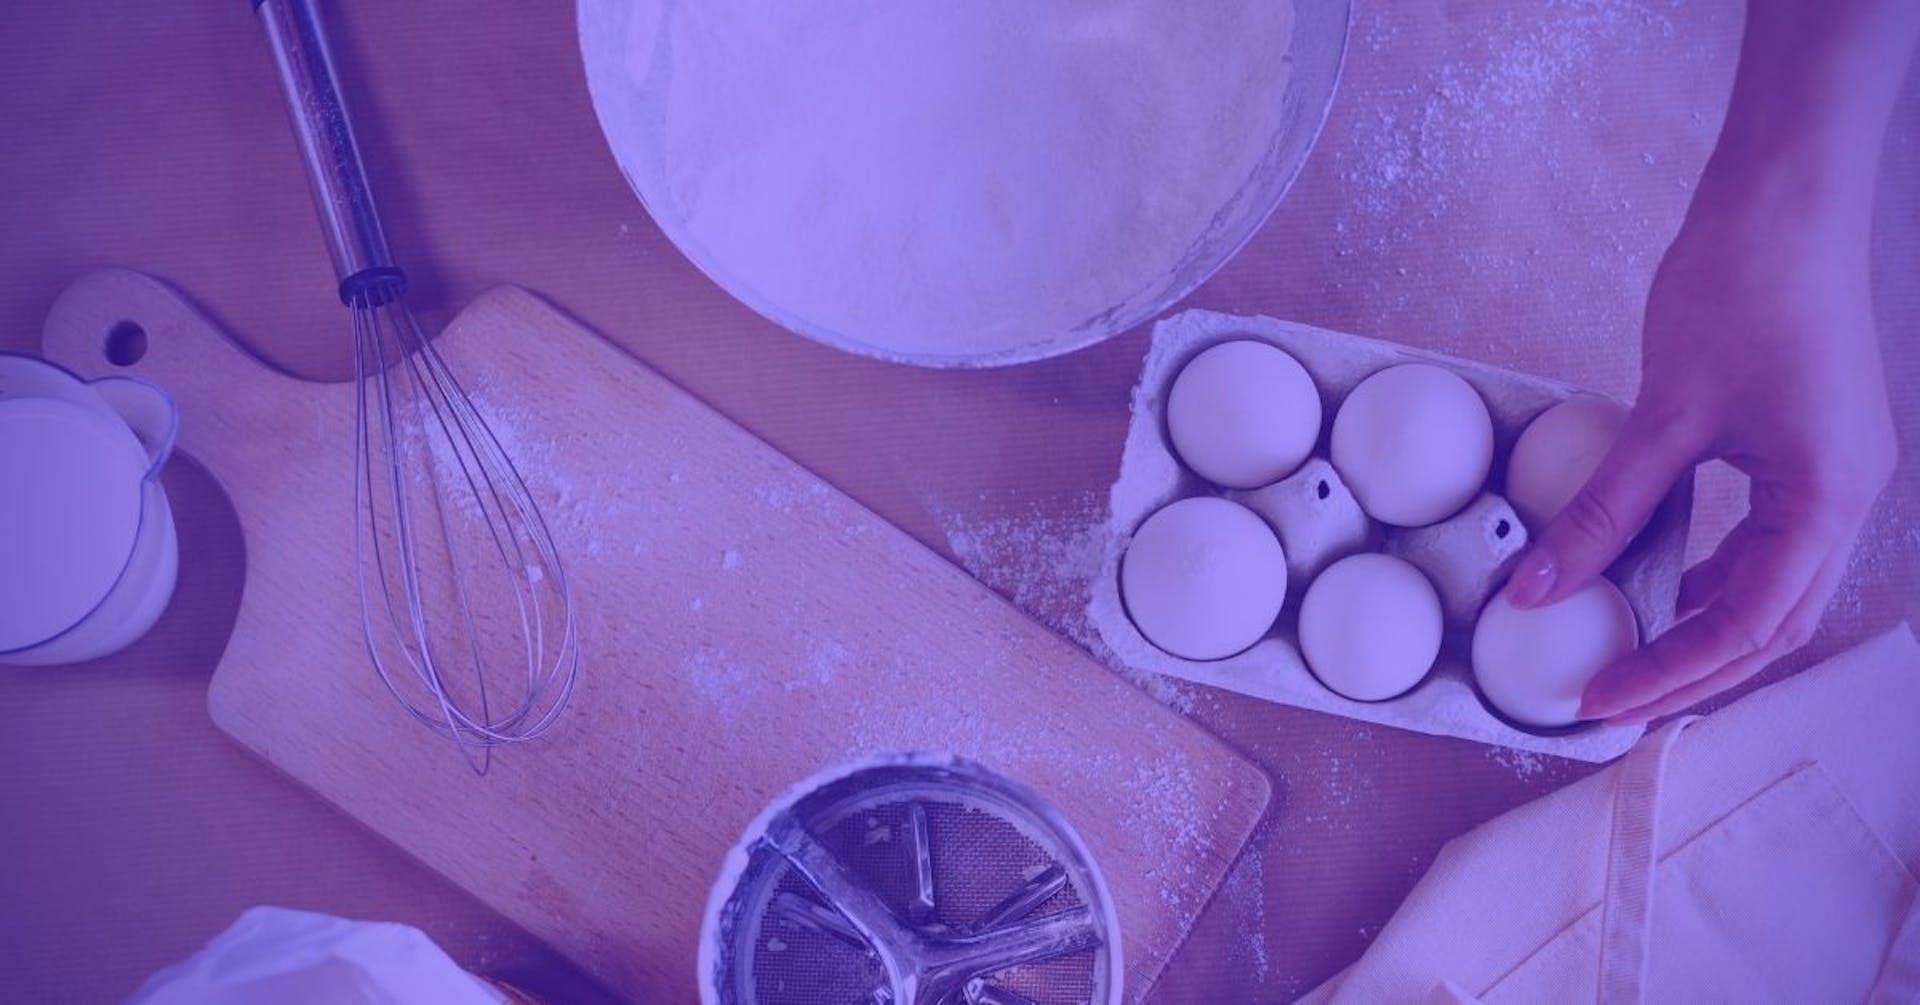 Conoce qué es la pastelería y empieza a hacer masas de la más alta calidad